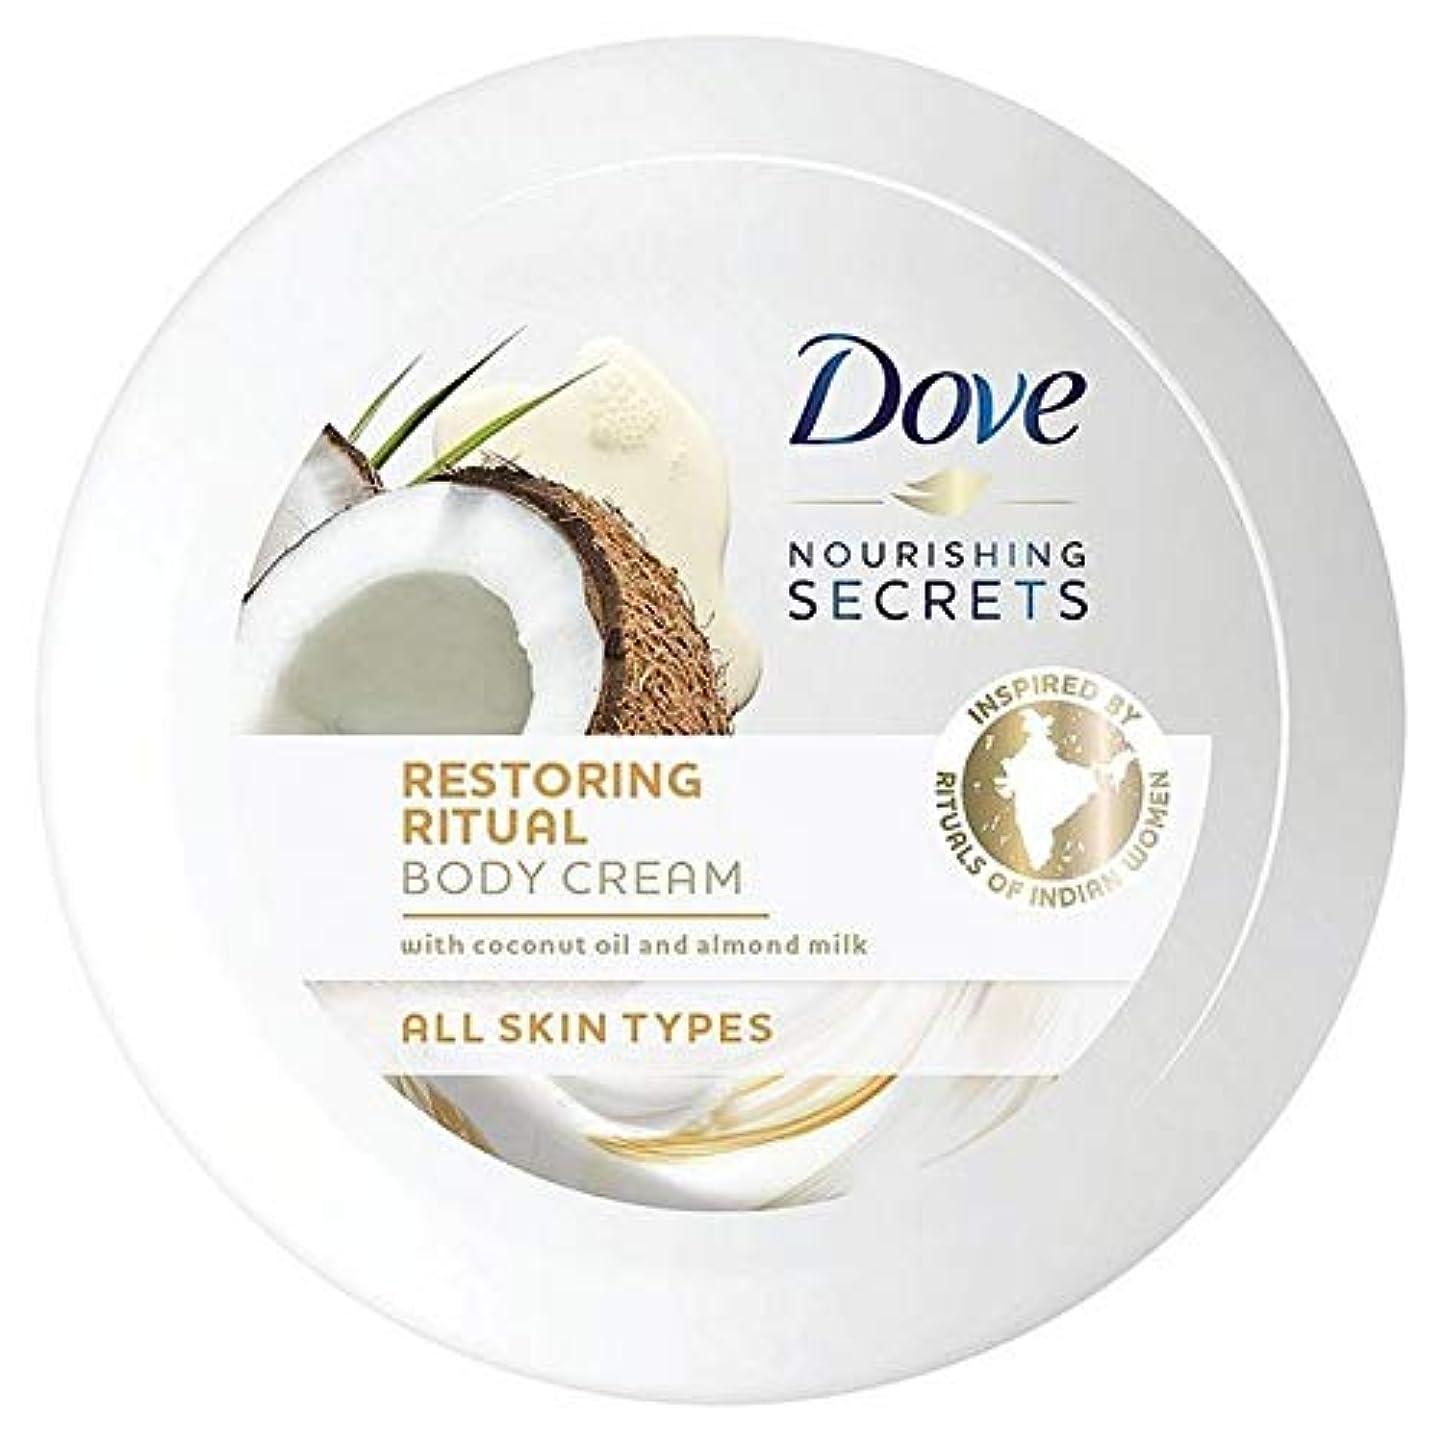 味わう暫定のブランデー[Dove ] ボディクリーム250ミリリットルを復元鳩栄養秘密のココナッツオイル - Dove Nourishing Secrets Coconut Oil Restoring Body Cream 250ml [並行輸入品]